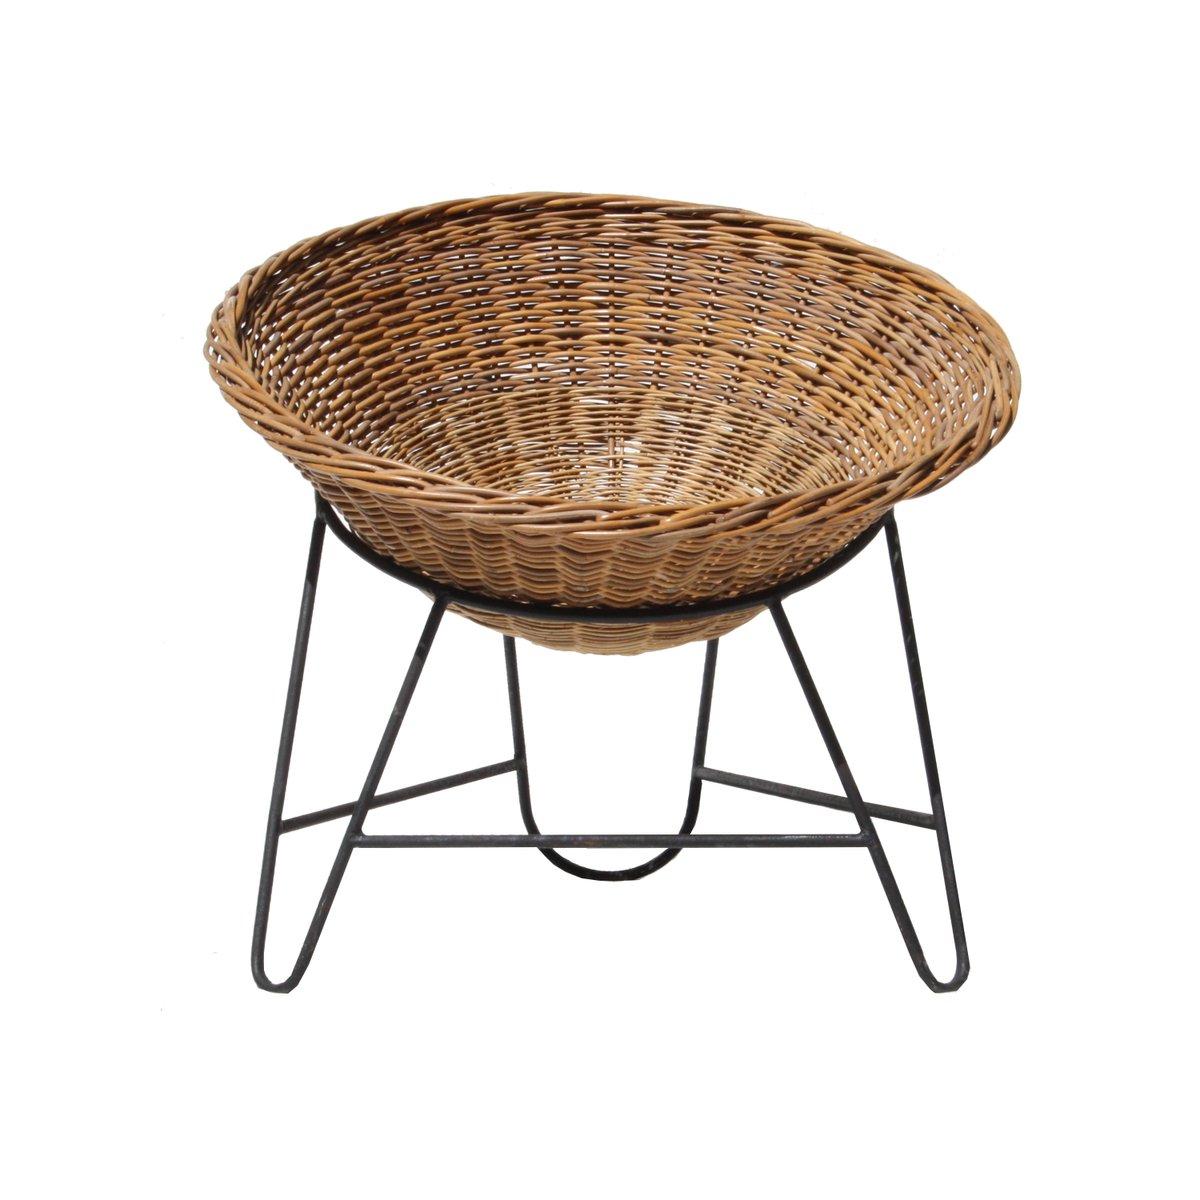 gaber basket st chairs en chair